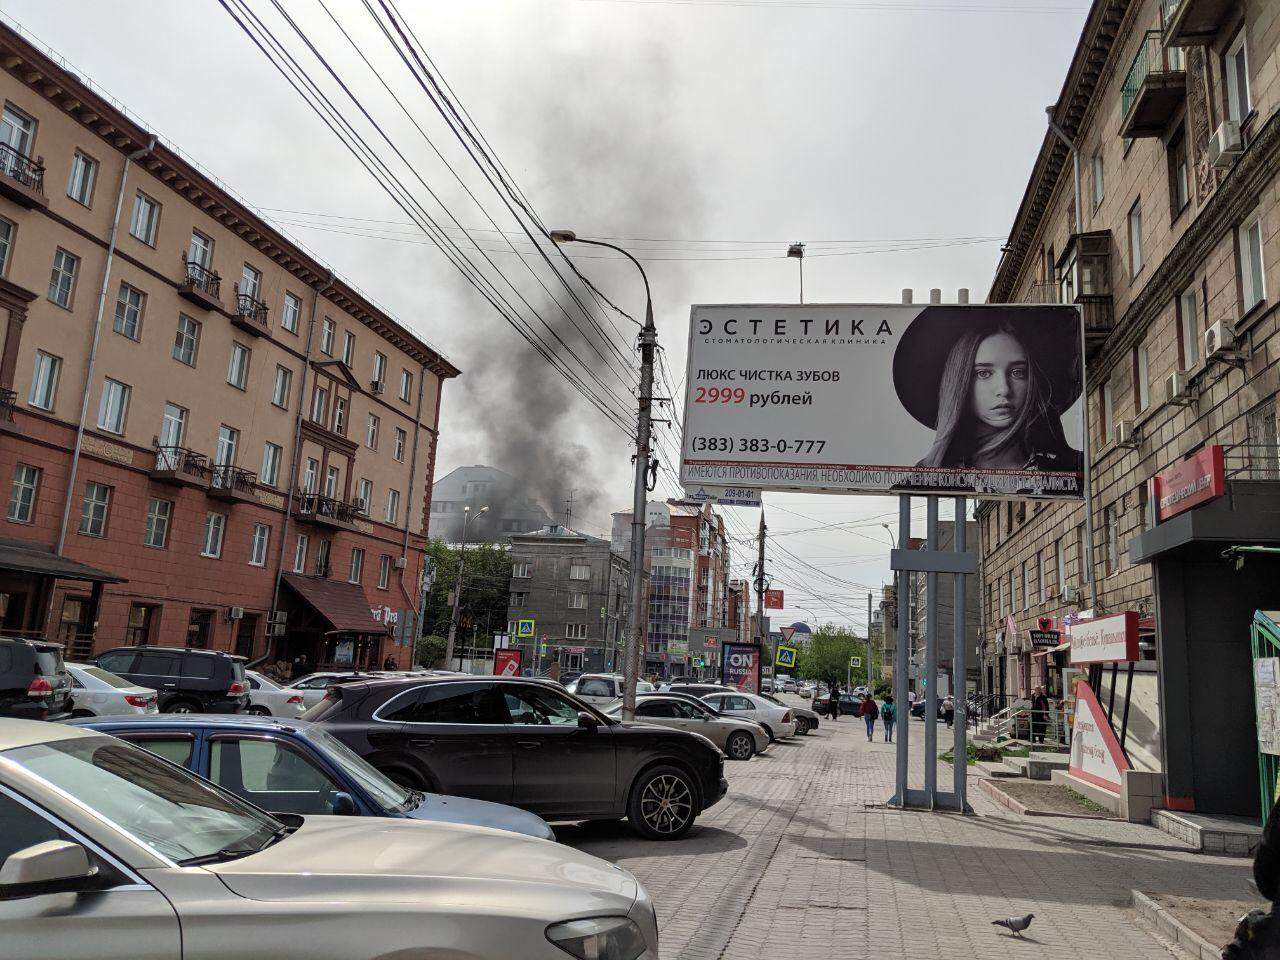 Пожар случился недалеко от станции метро «Красный проспект»